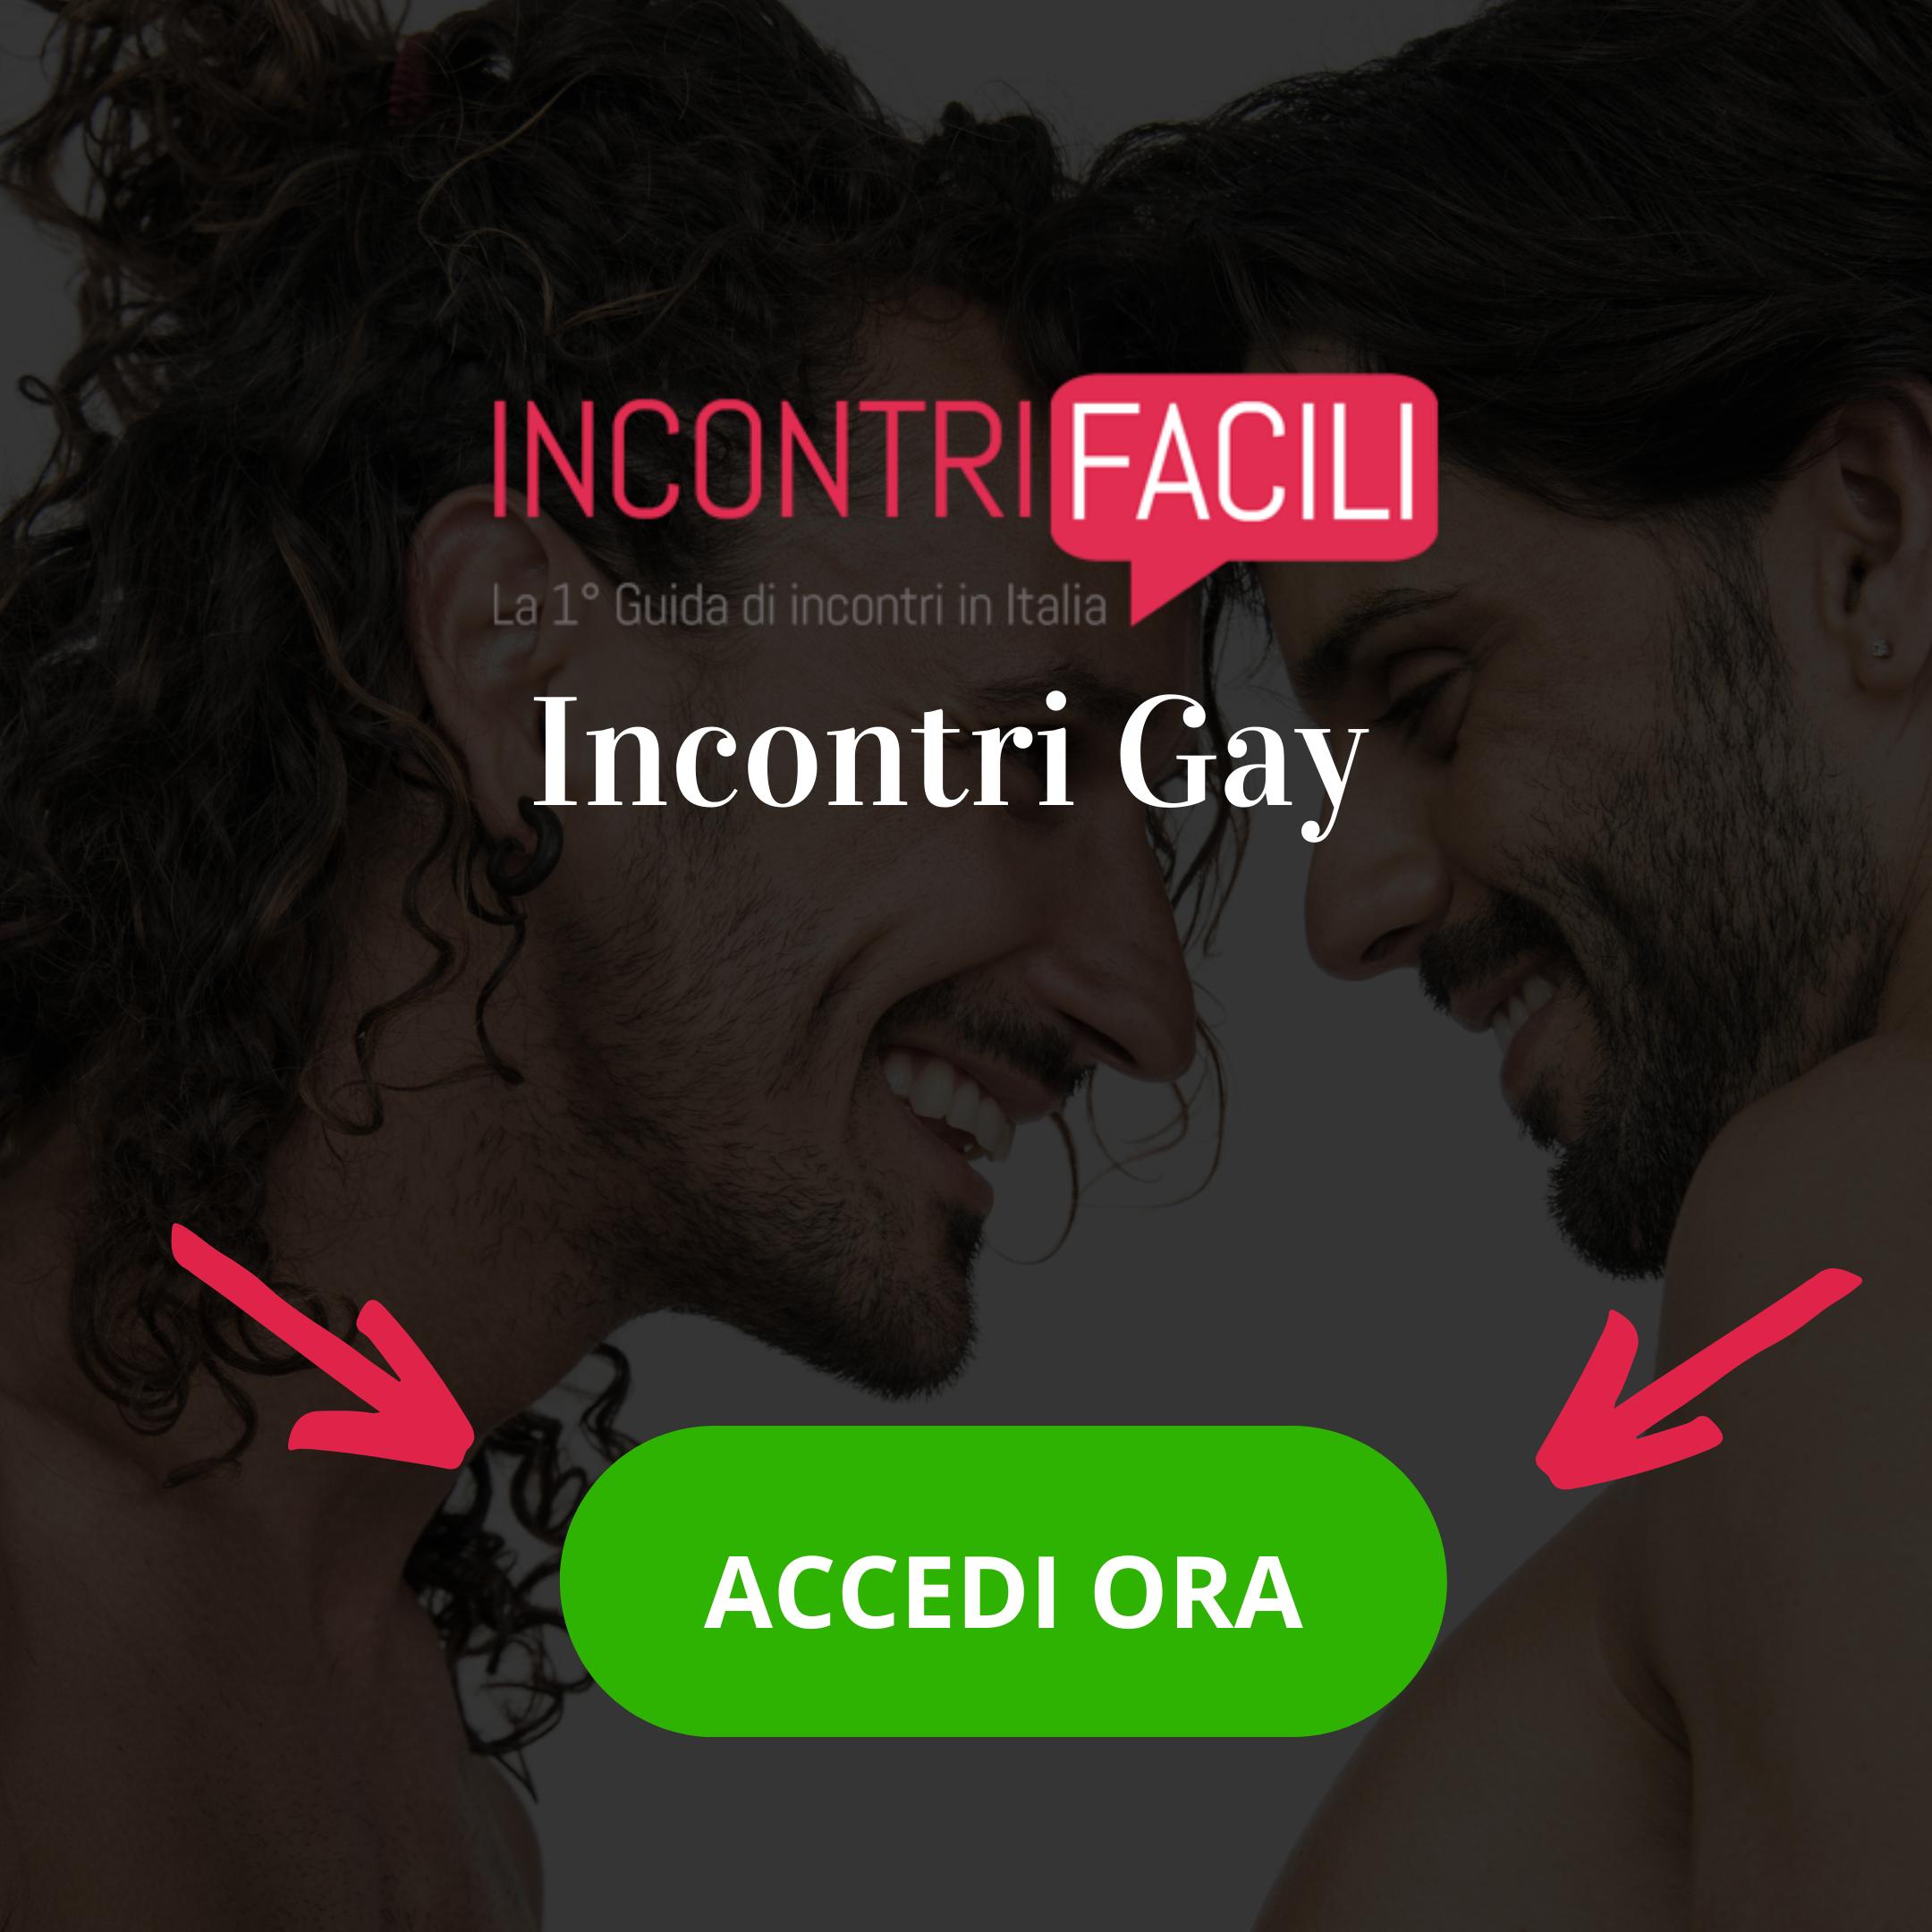 incontri gay